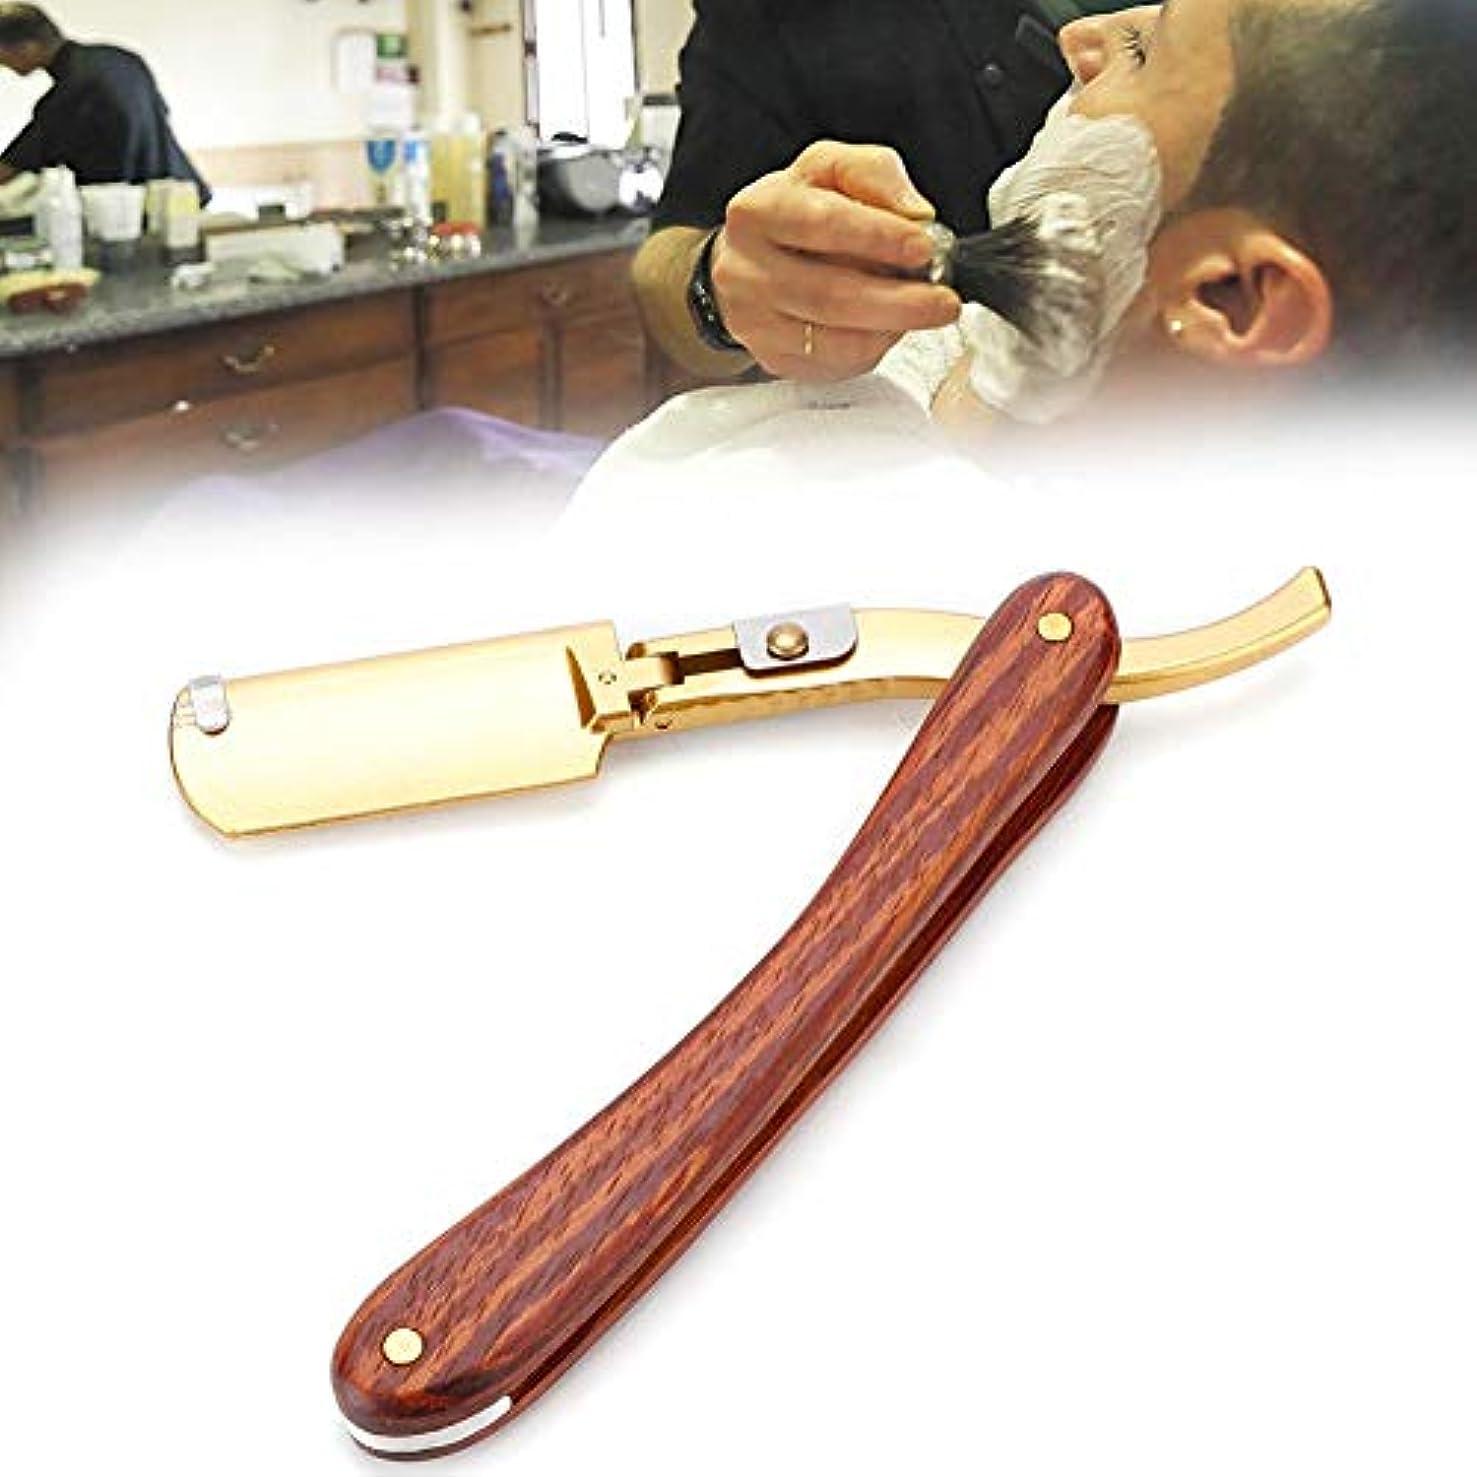 初期拷問土器木製 ハンドル 男性 手動 かみそり クラシック 理容室 シェーバー 折り畳み式 髪ひげかみそりシェービングナイフ(ブラウン)